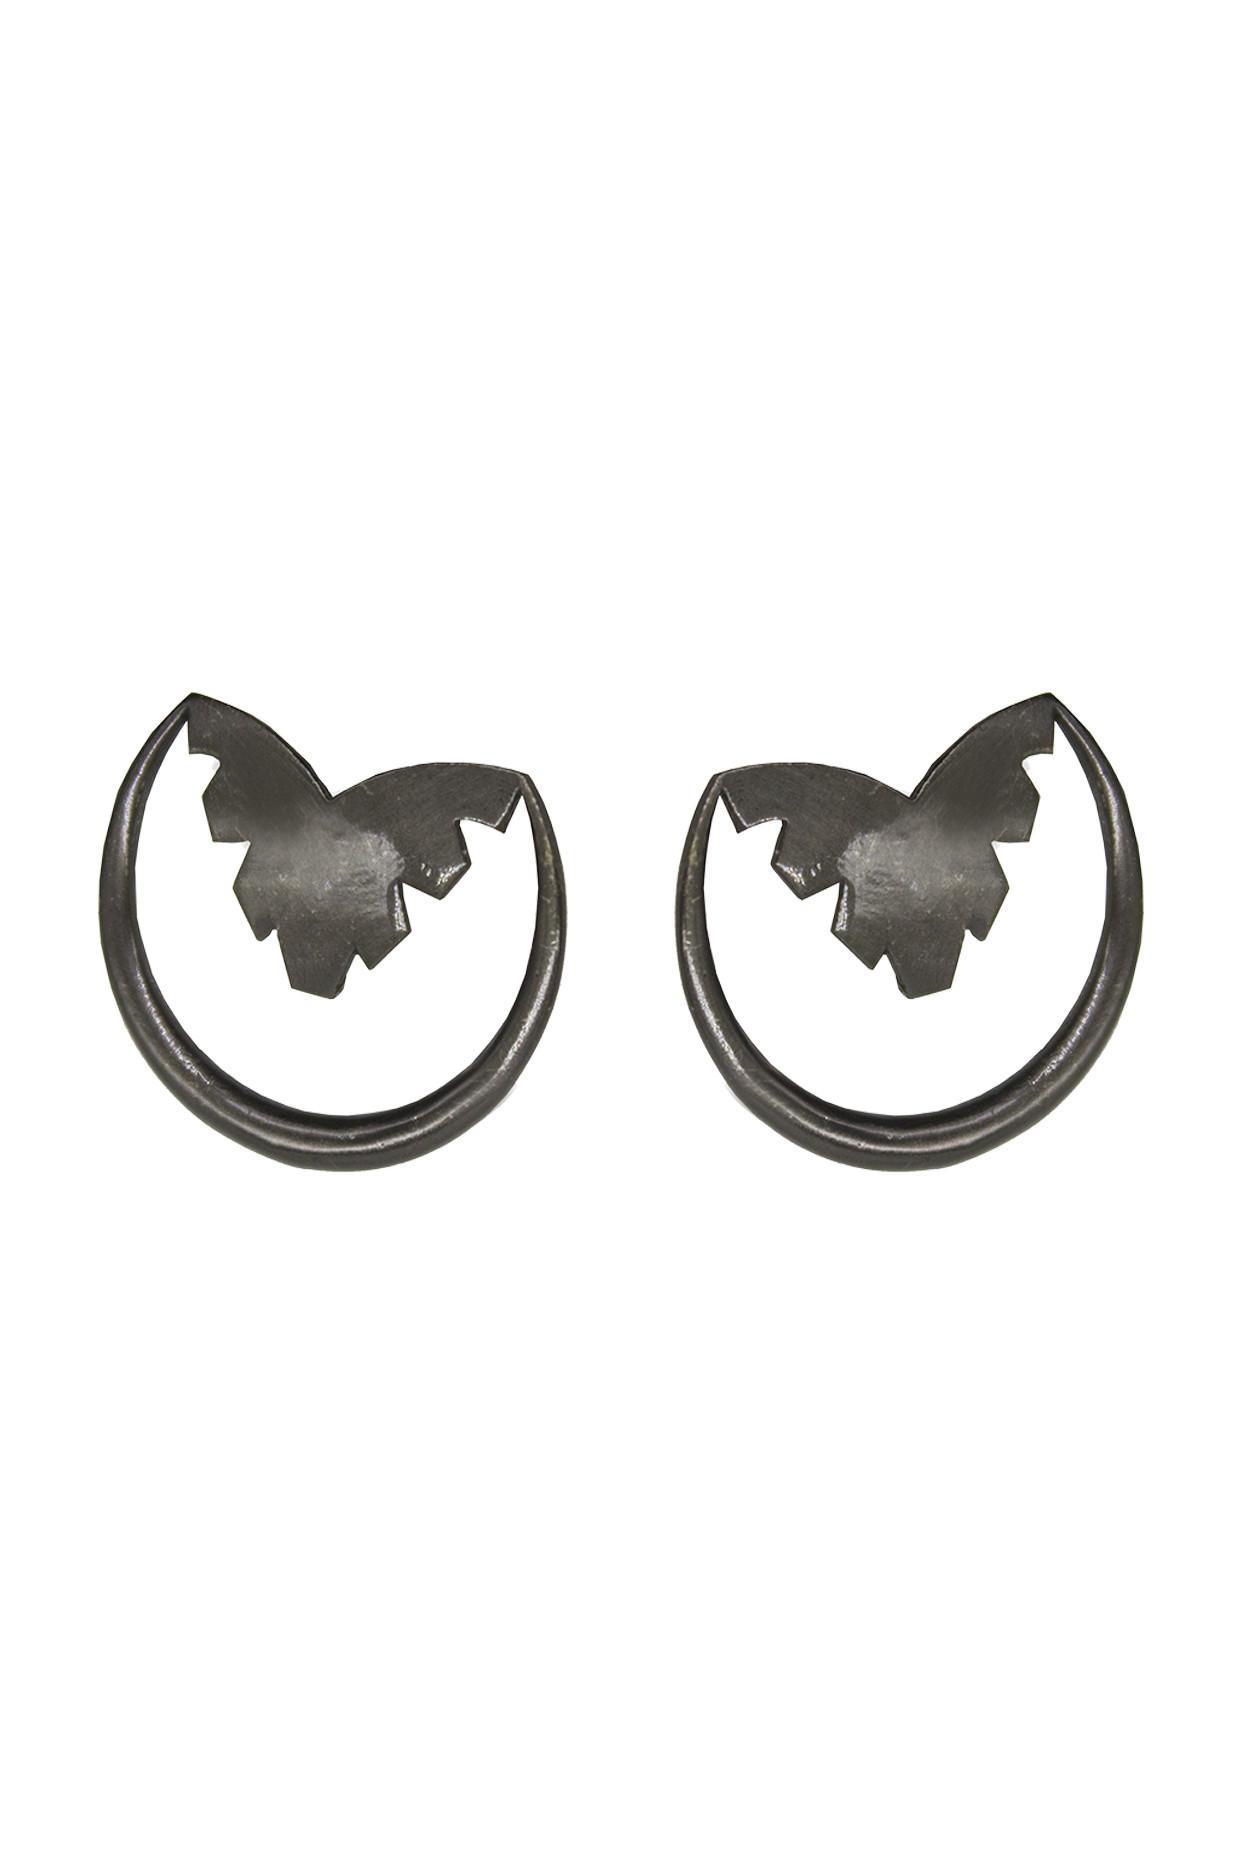 Handcrafted Brass Semi Circle Earrings In Black by Toorya